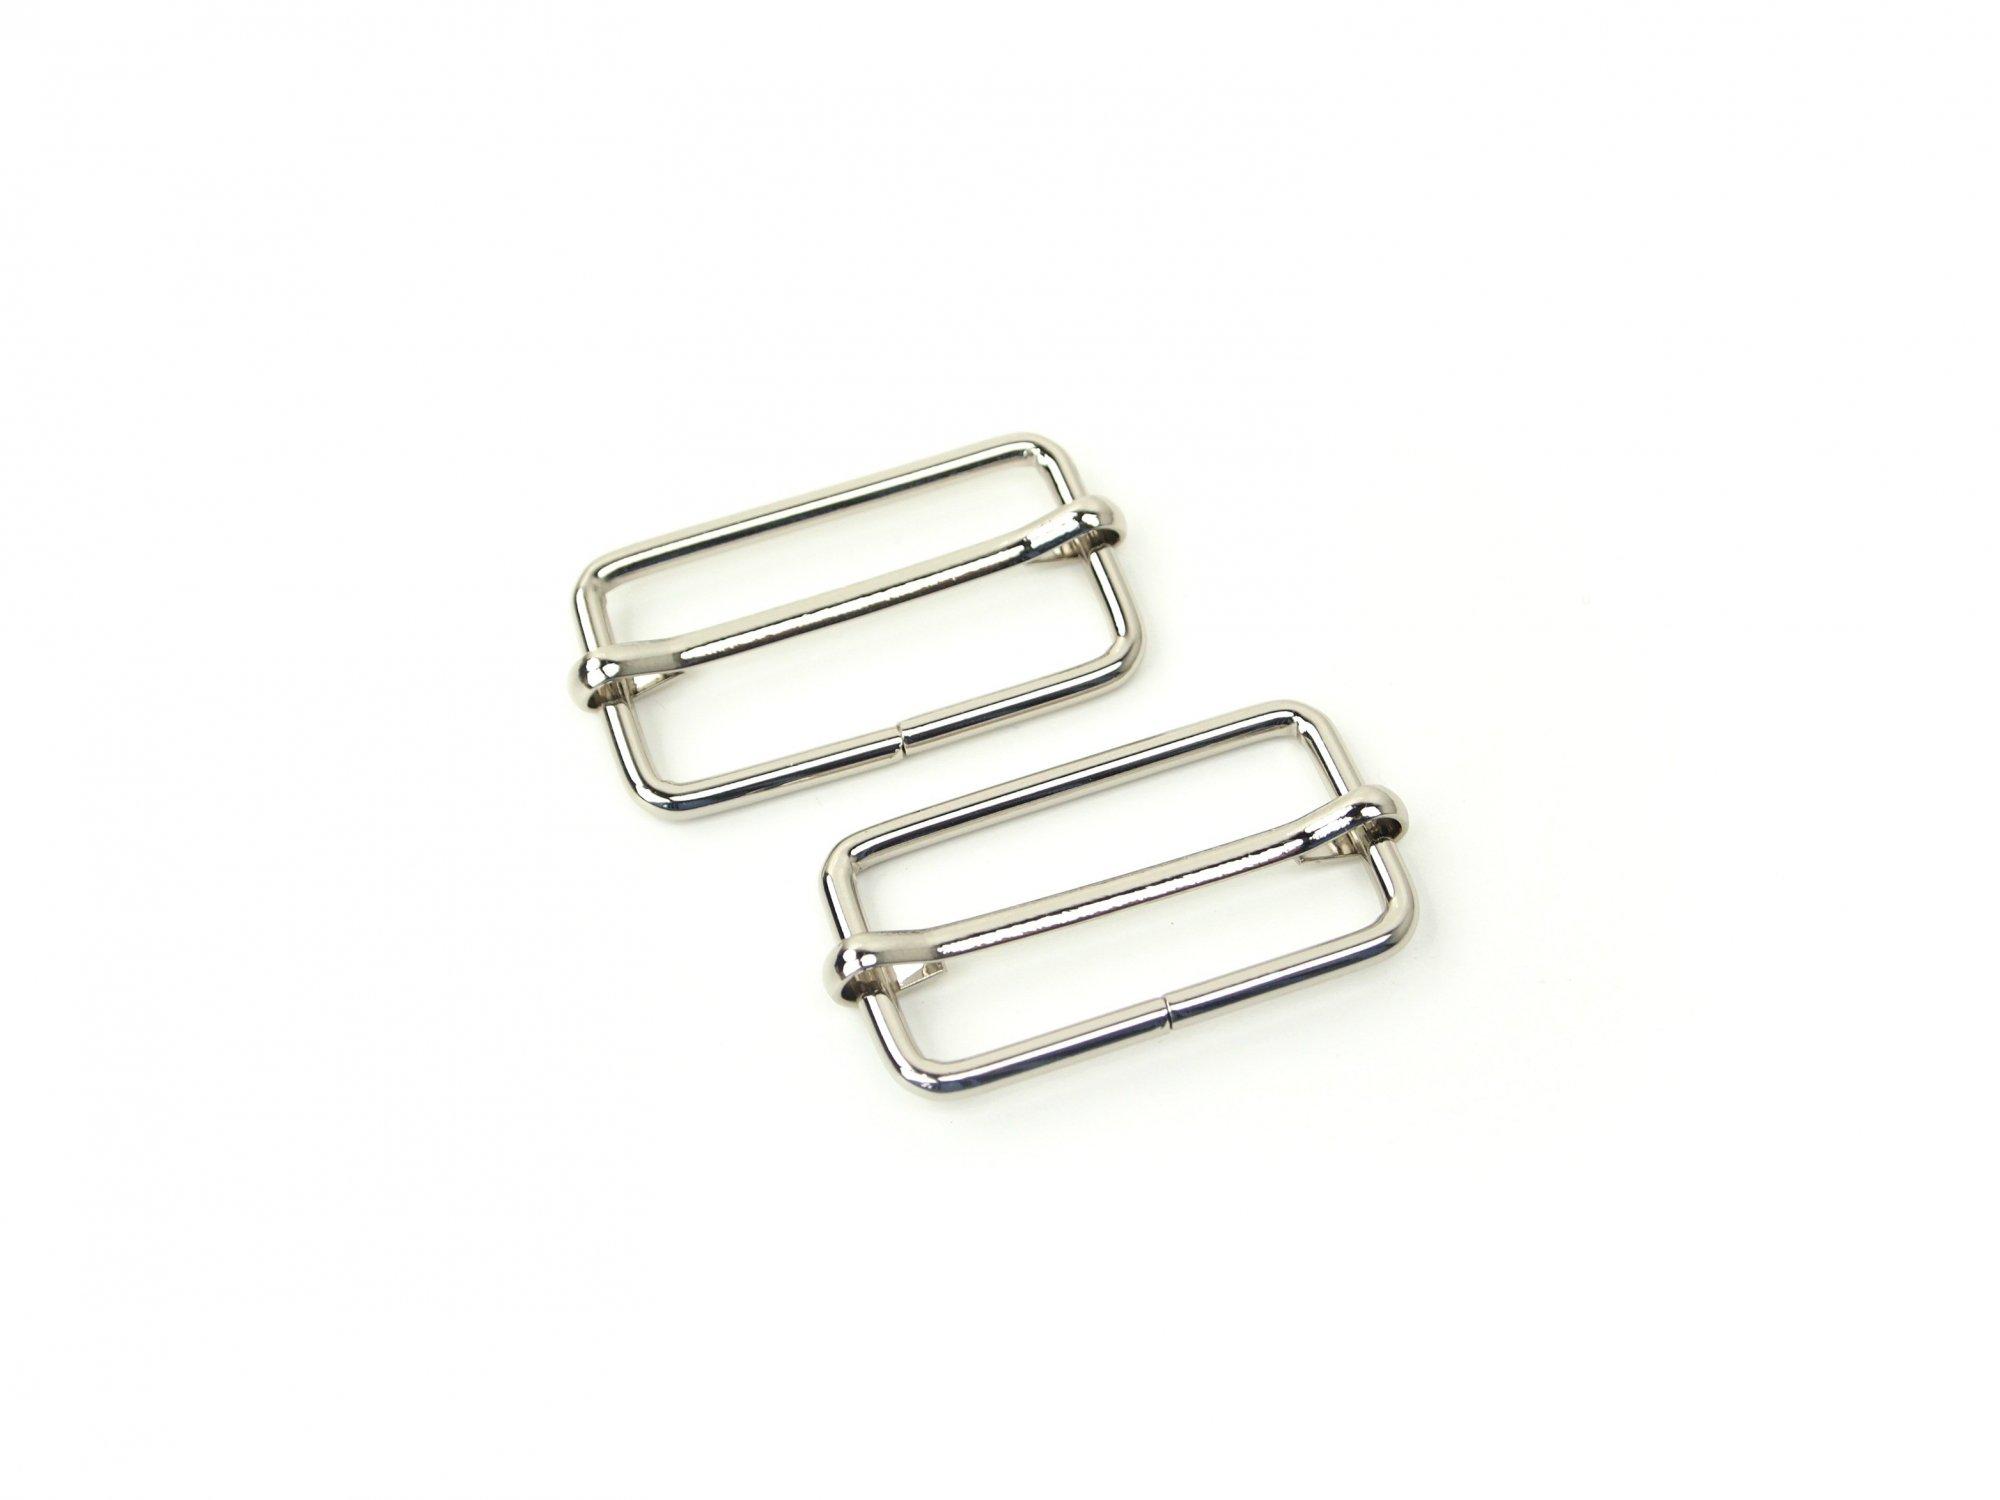 Slider Buckle - 1 1/2 Silver